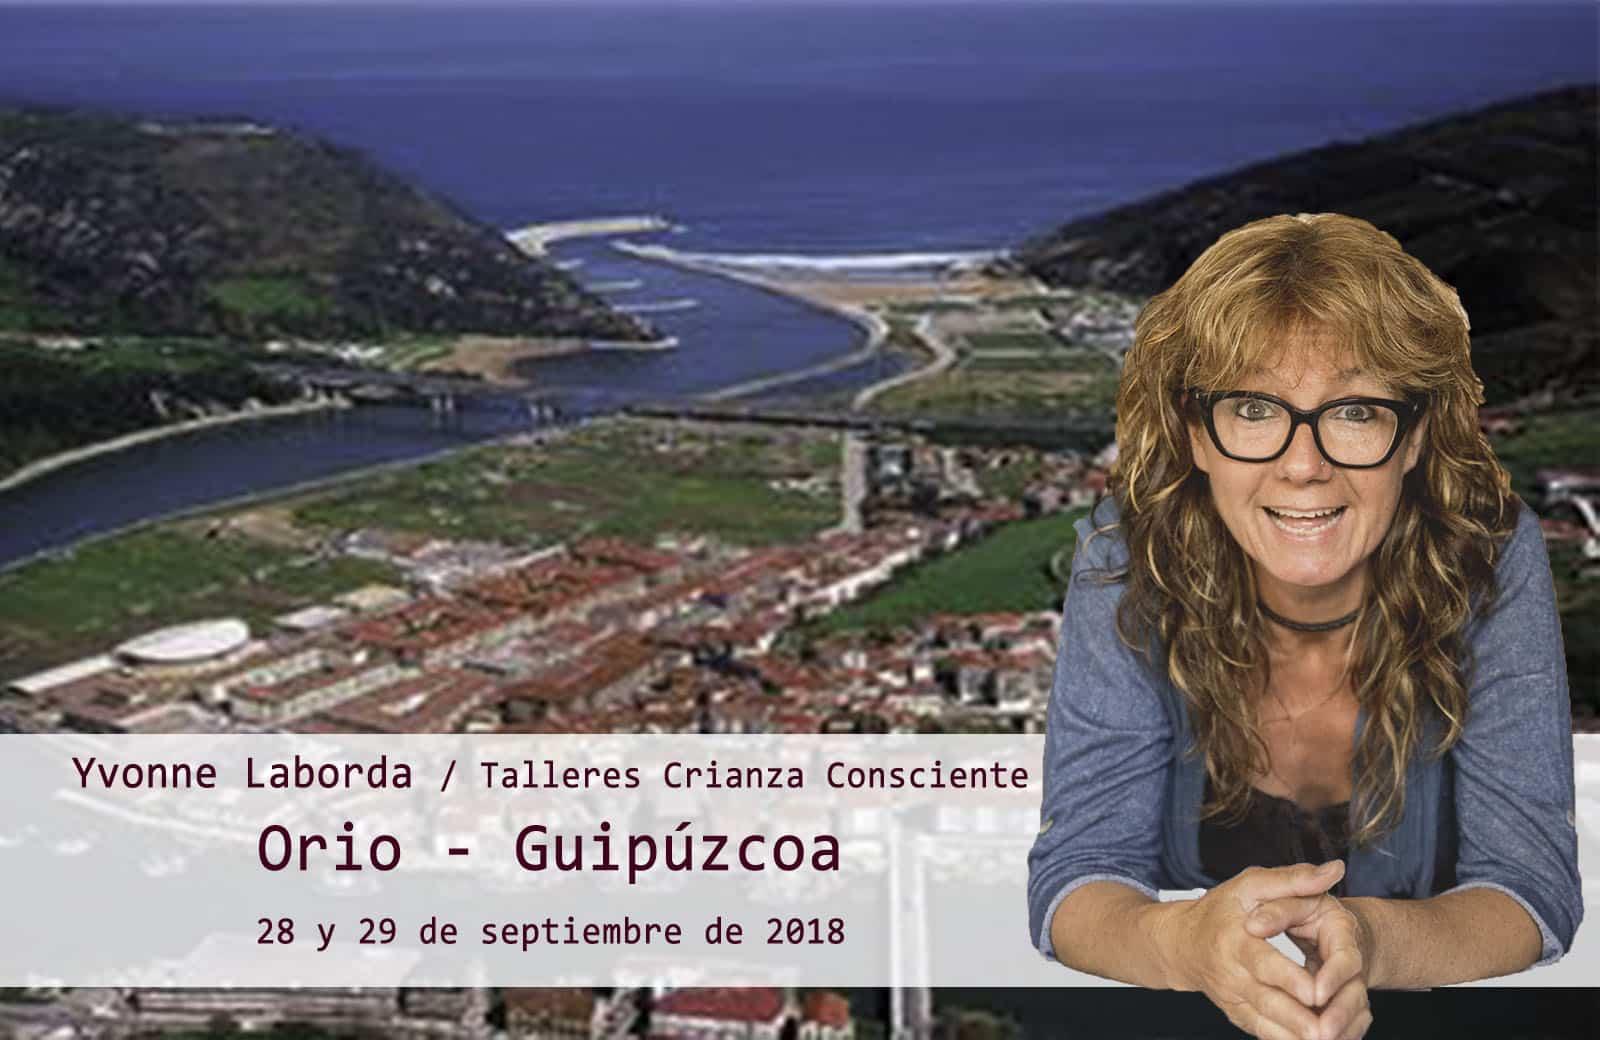 ORIO,GUIPÚZCOA - CRIANZA CONSCIENTE (SEPTIEMBRE 2018) @ Zingira eskola | Orio | España